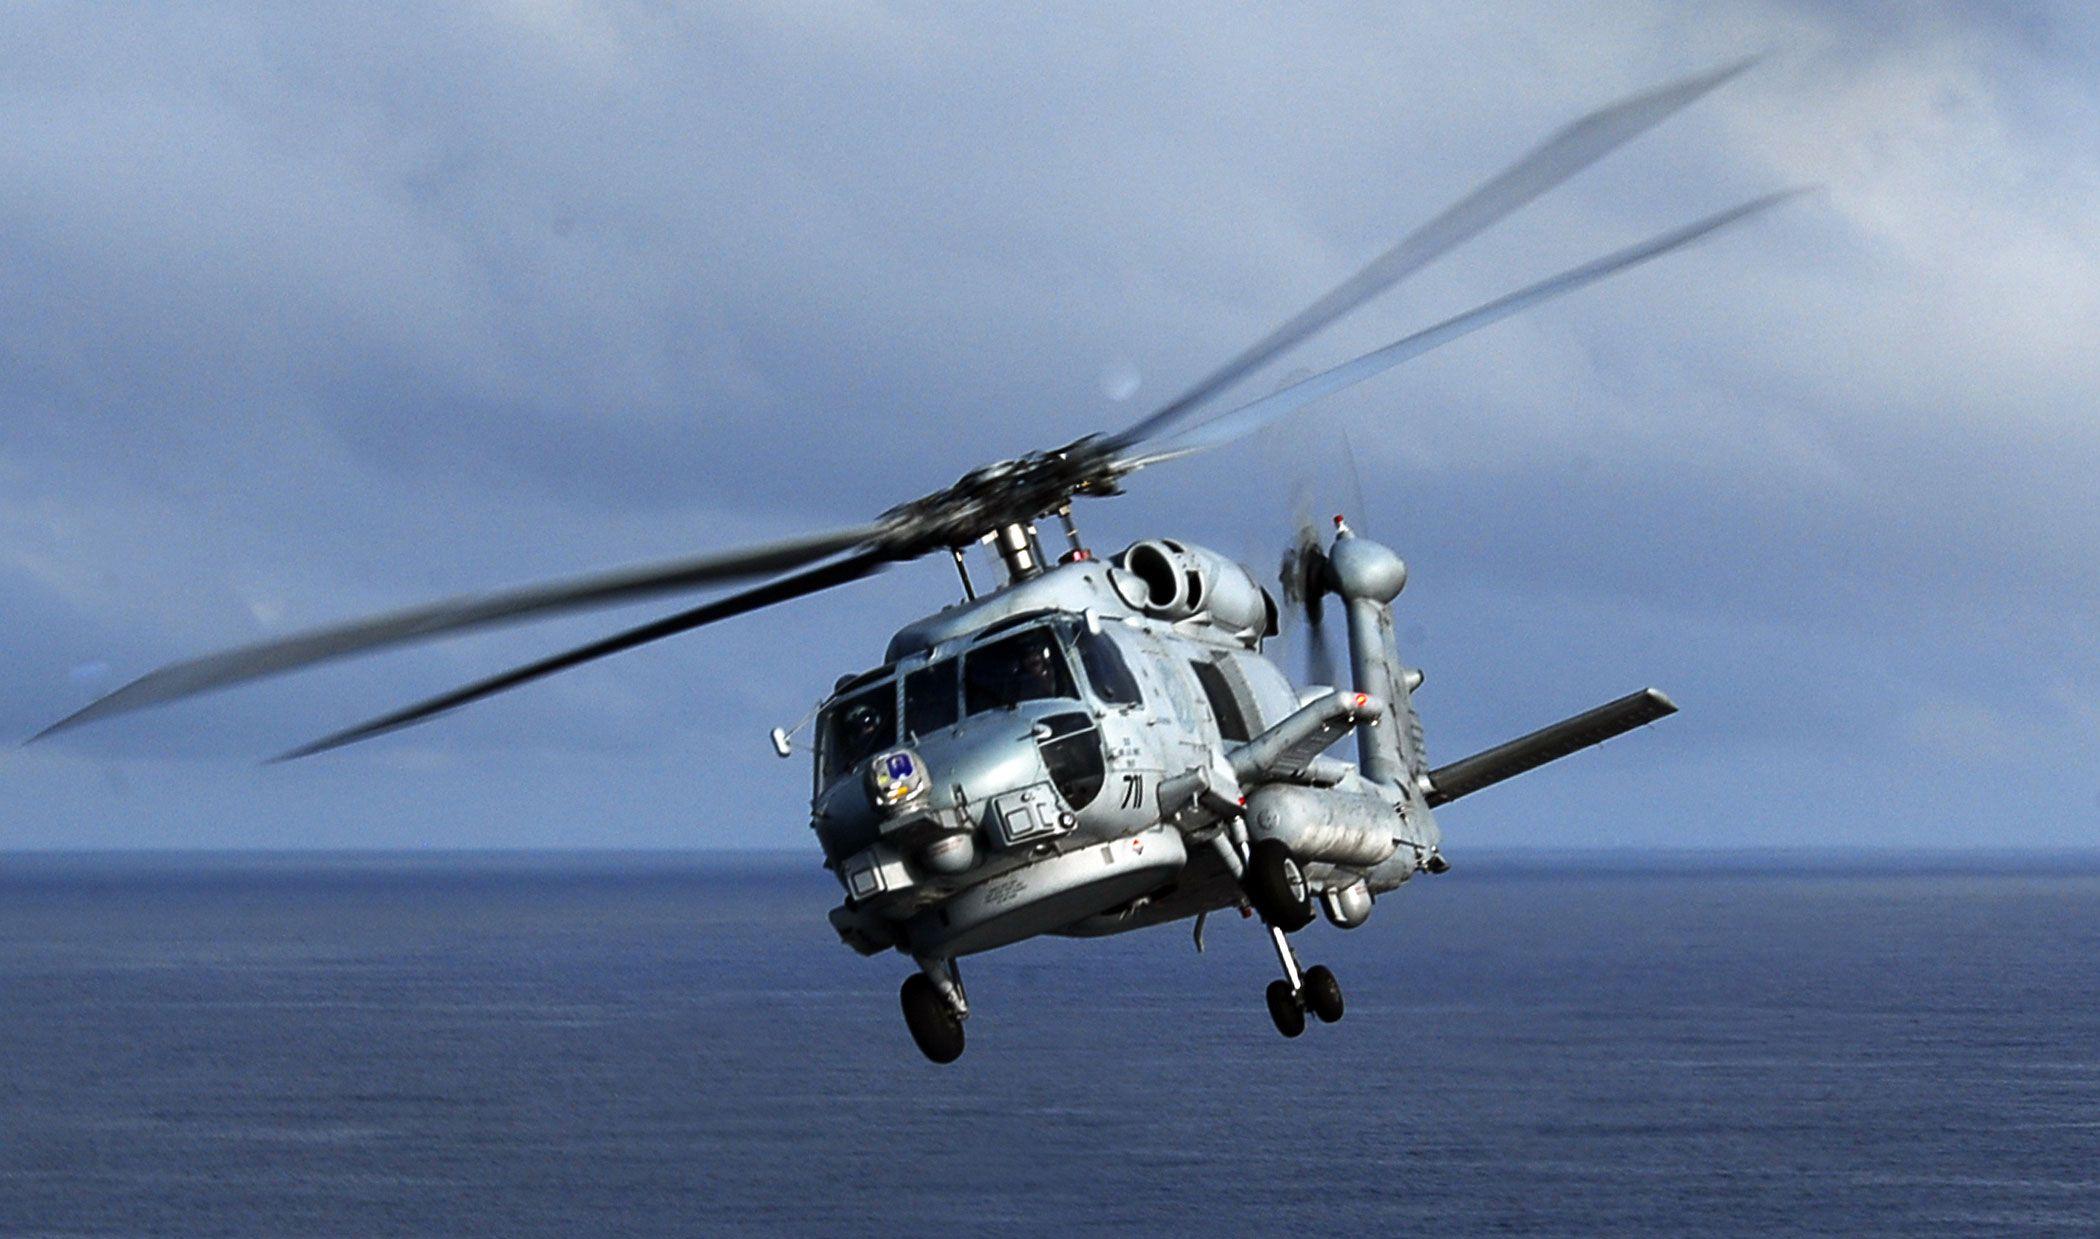 لمسات أخيرة على تفاصيل صفقة بقيمة 1.9 مليار دولار لشراء عشر طائرات هليكوبتر (ام.اتش.60آر)